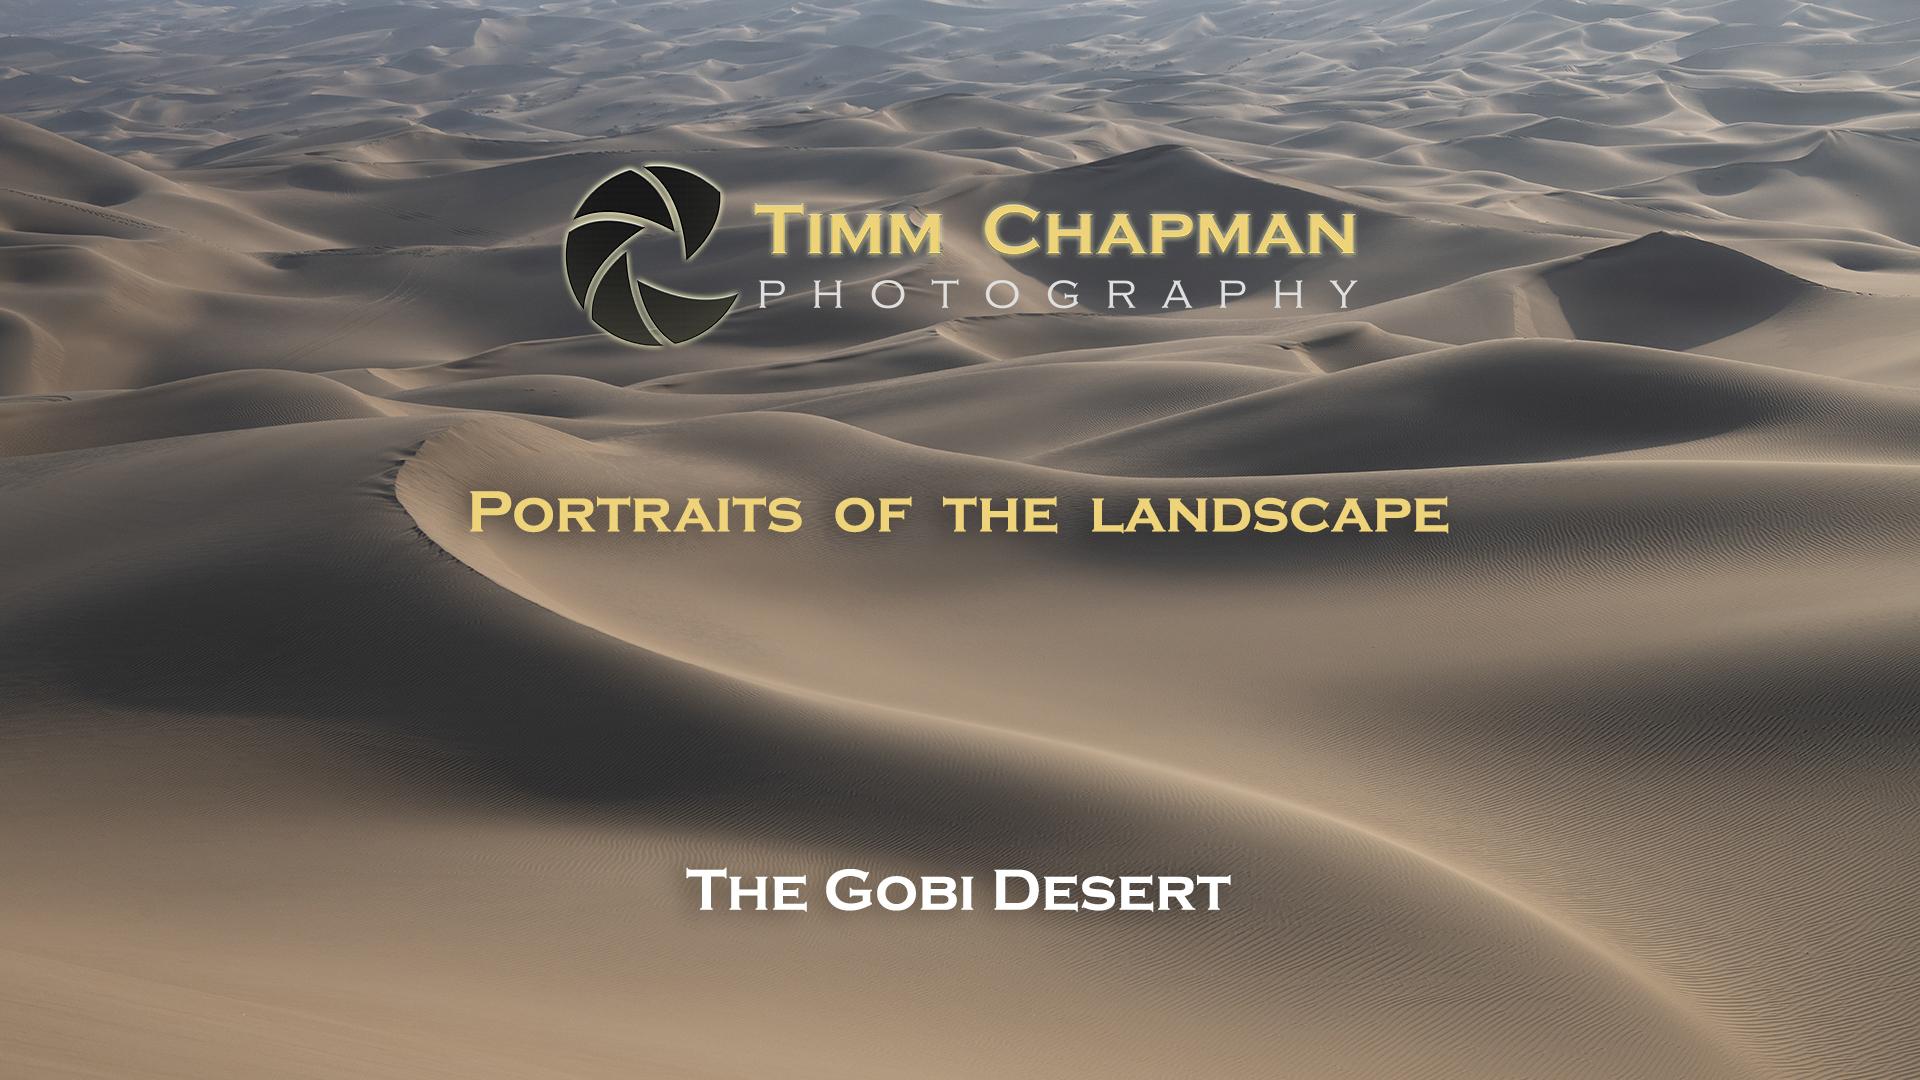 gobi desert, china, desert, portraits of the landscape, video, youtube, portraits, video, movie, photo